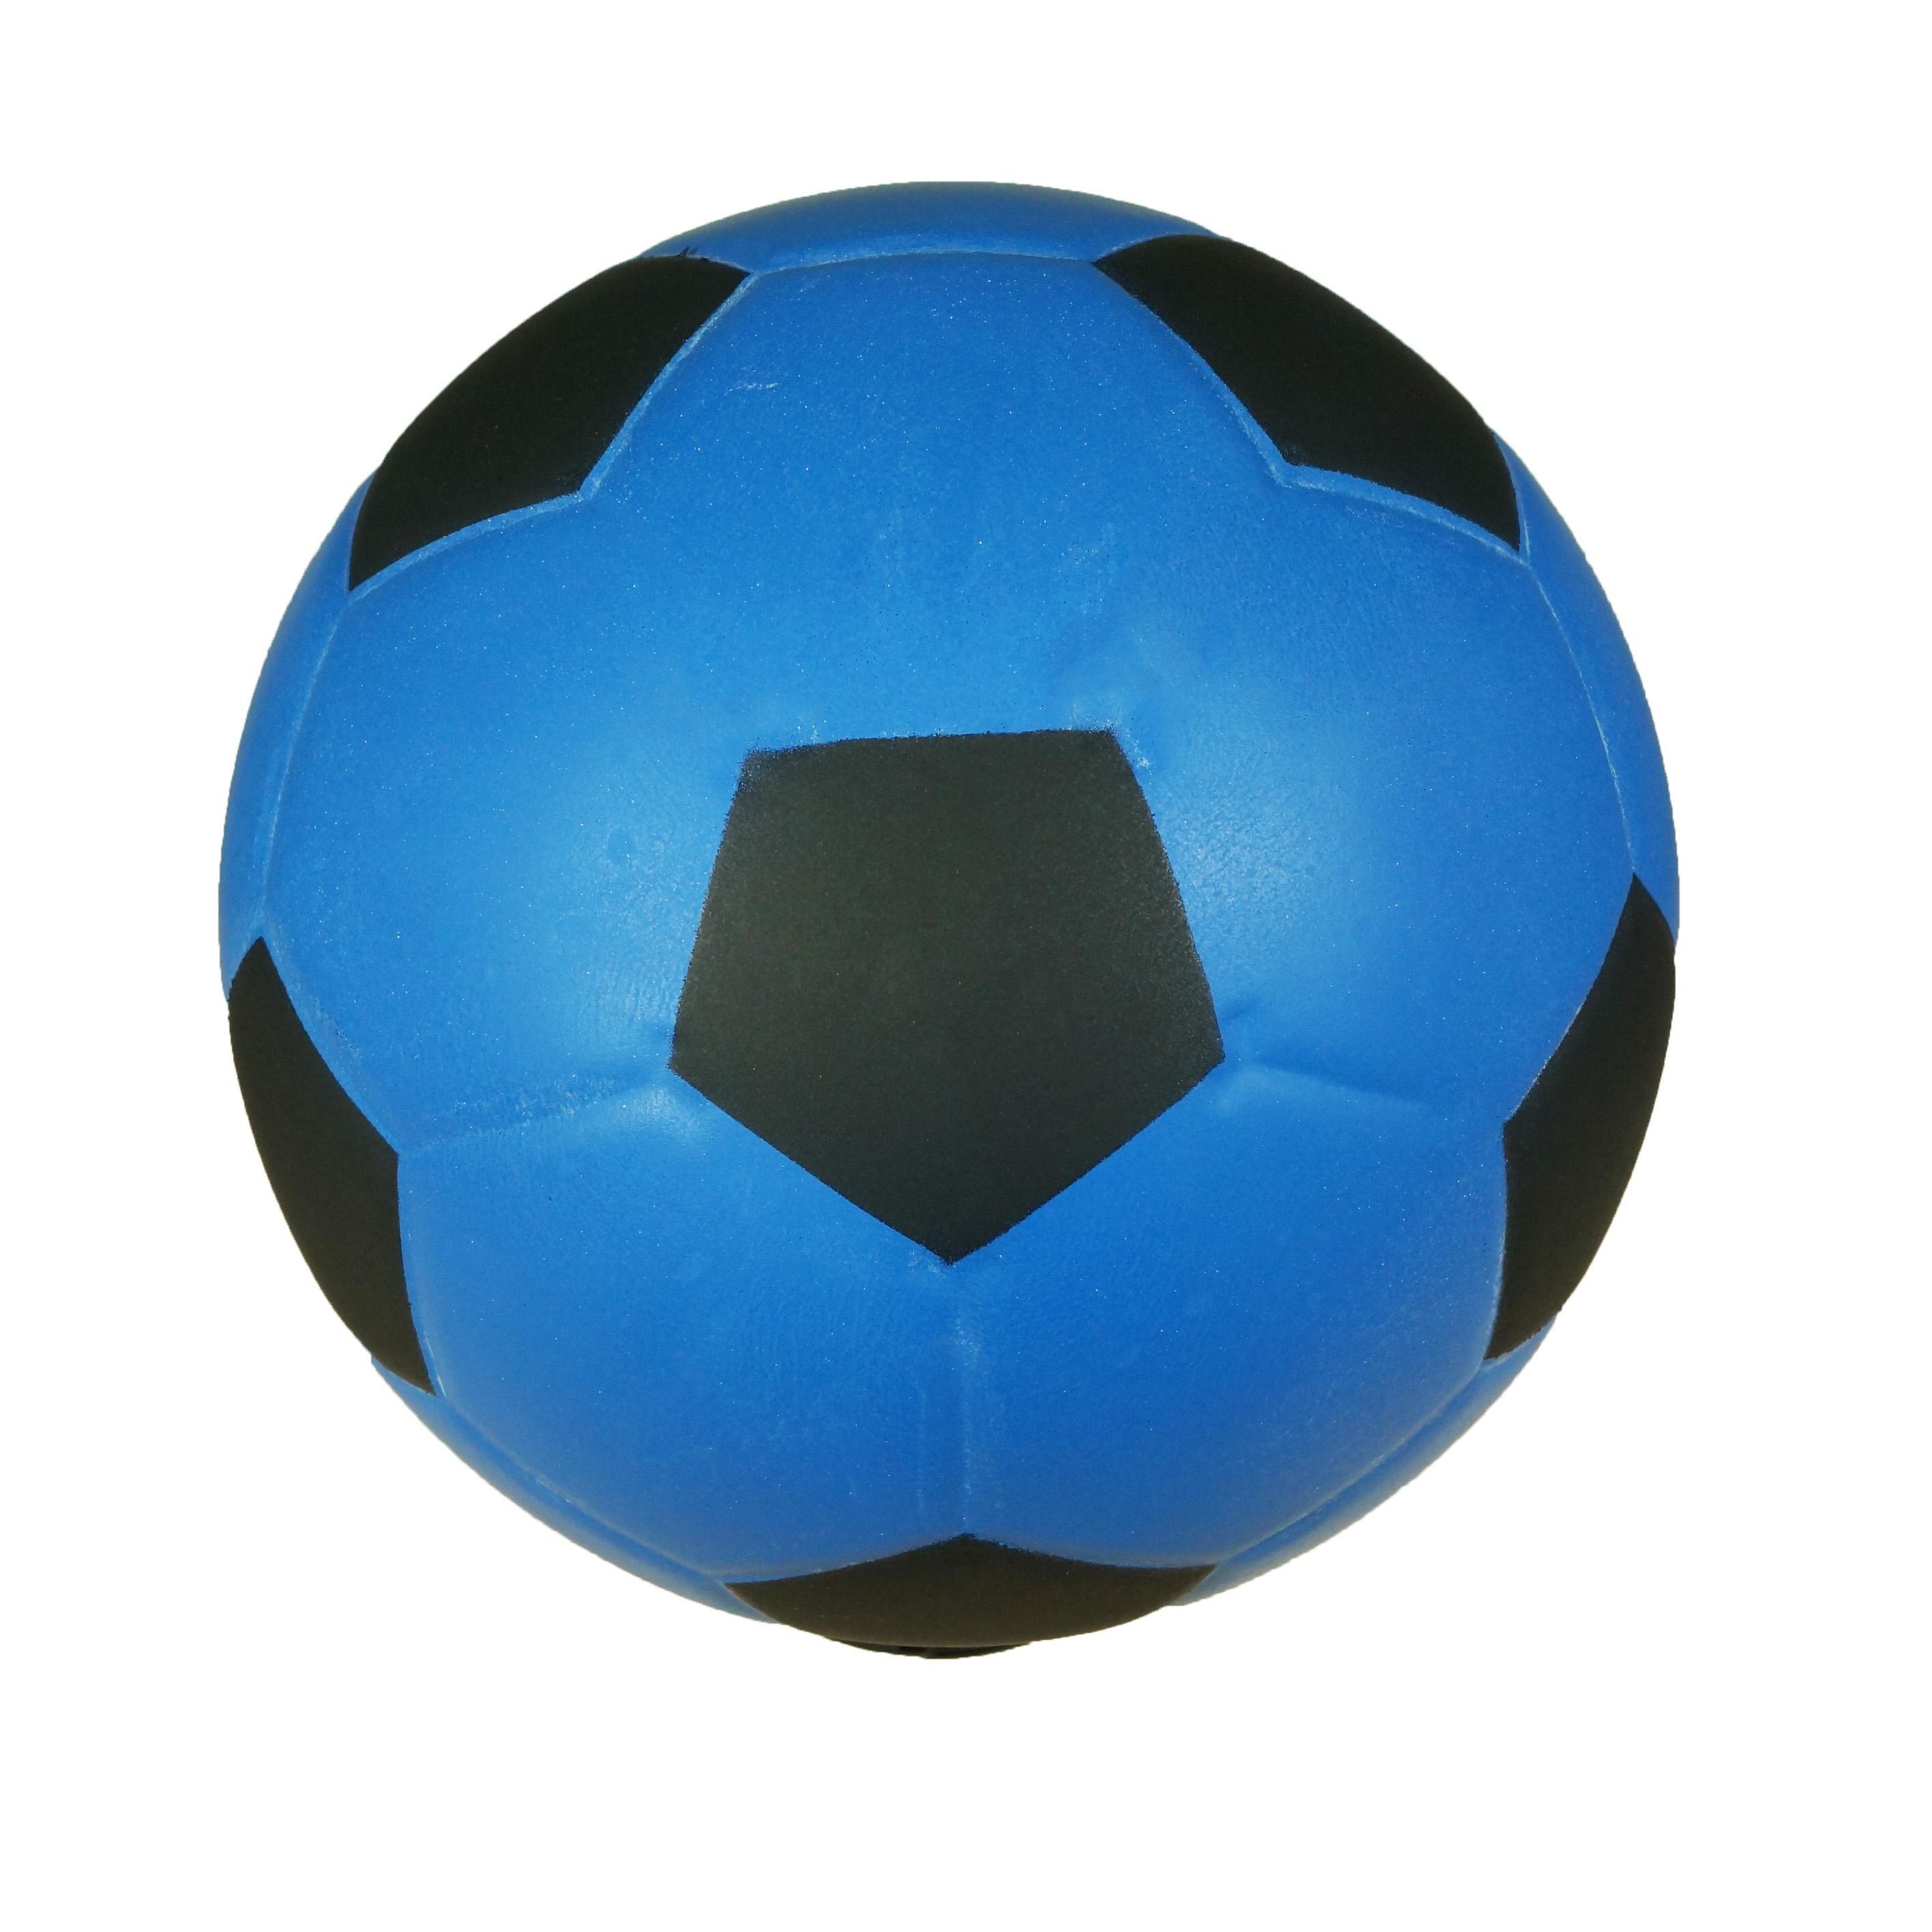 S752A-B-7.5吋足球-藍